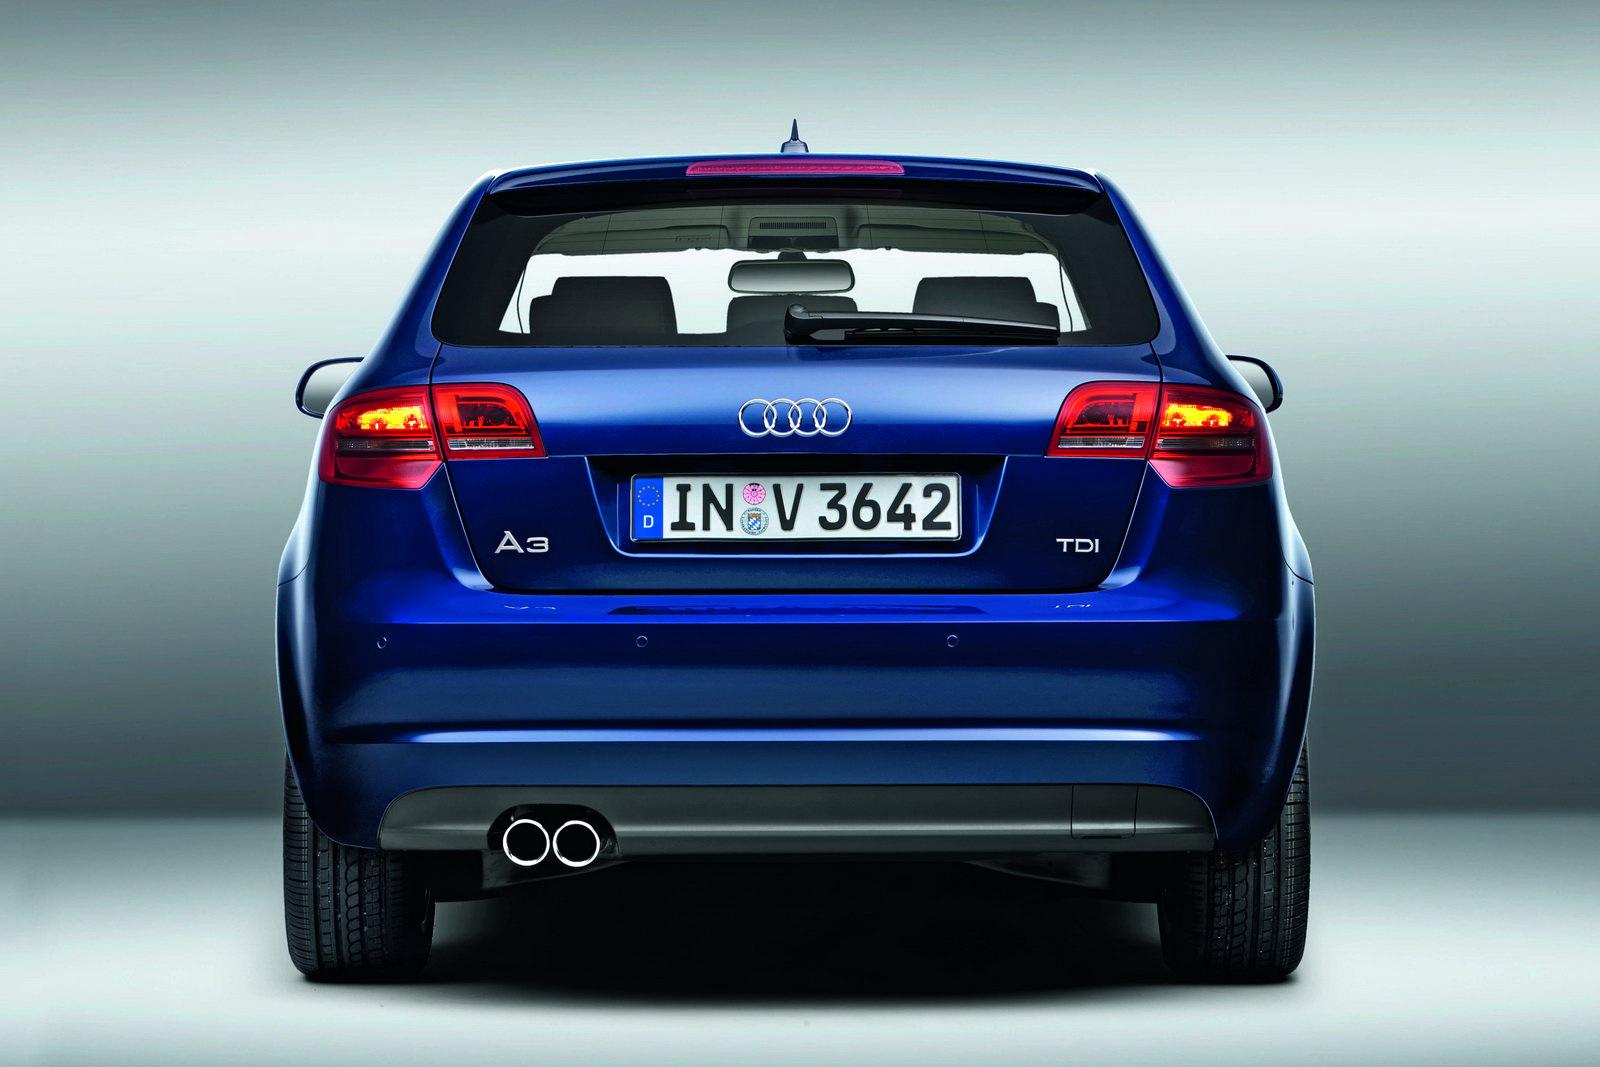 http://1.bp.blogspot.com/_FoXyvaPSnVk/S74IG_2NyAI/AAAAAAACuhU/C3vg_Ojzm7A/s1600/2011-Audi-A3-Sportback-7.jpg